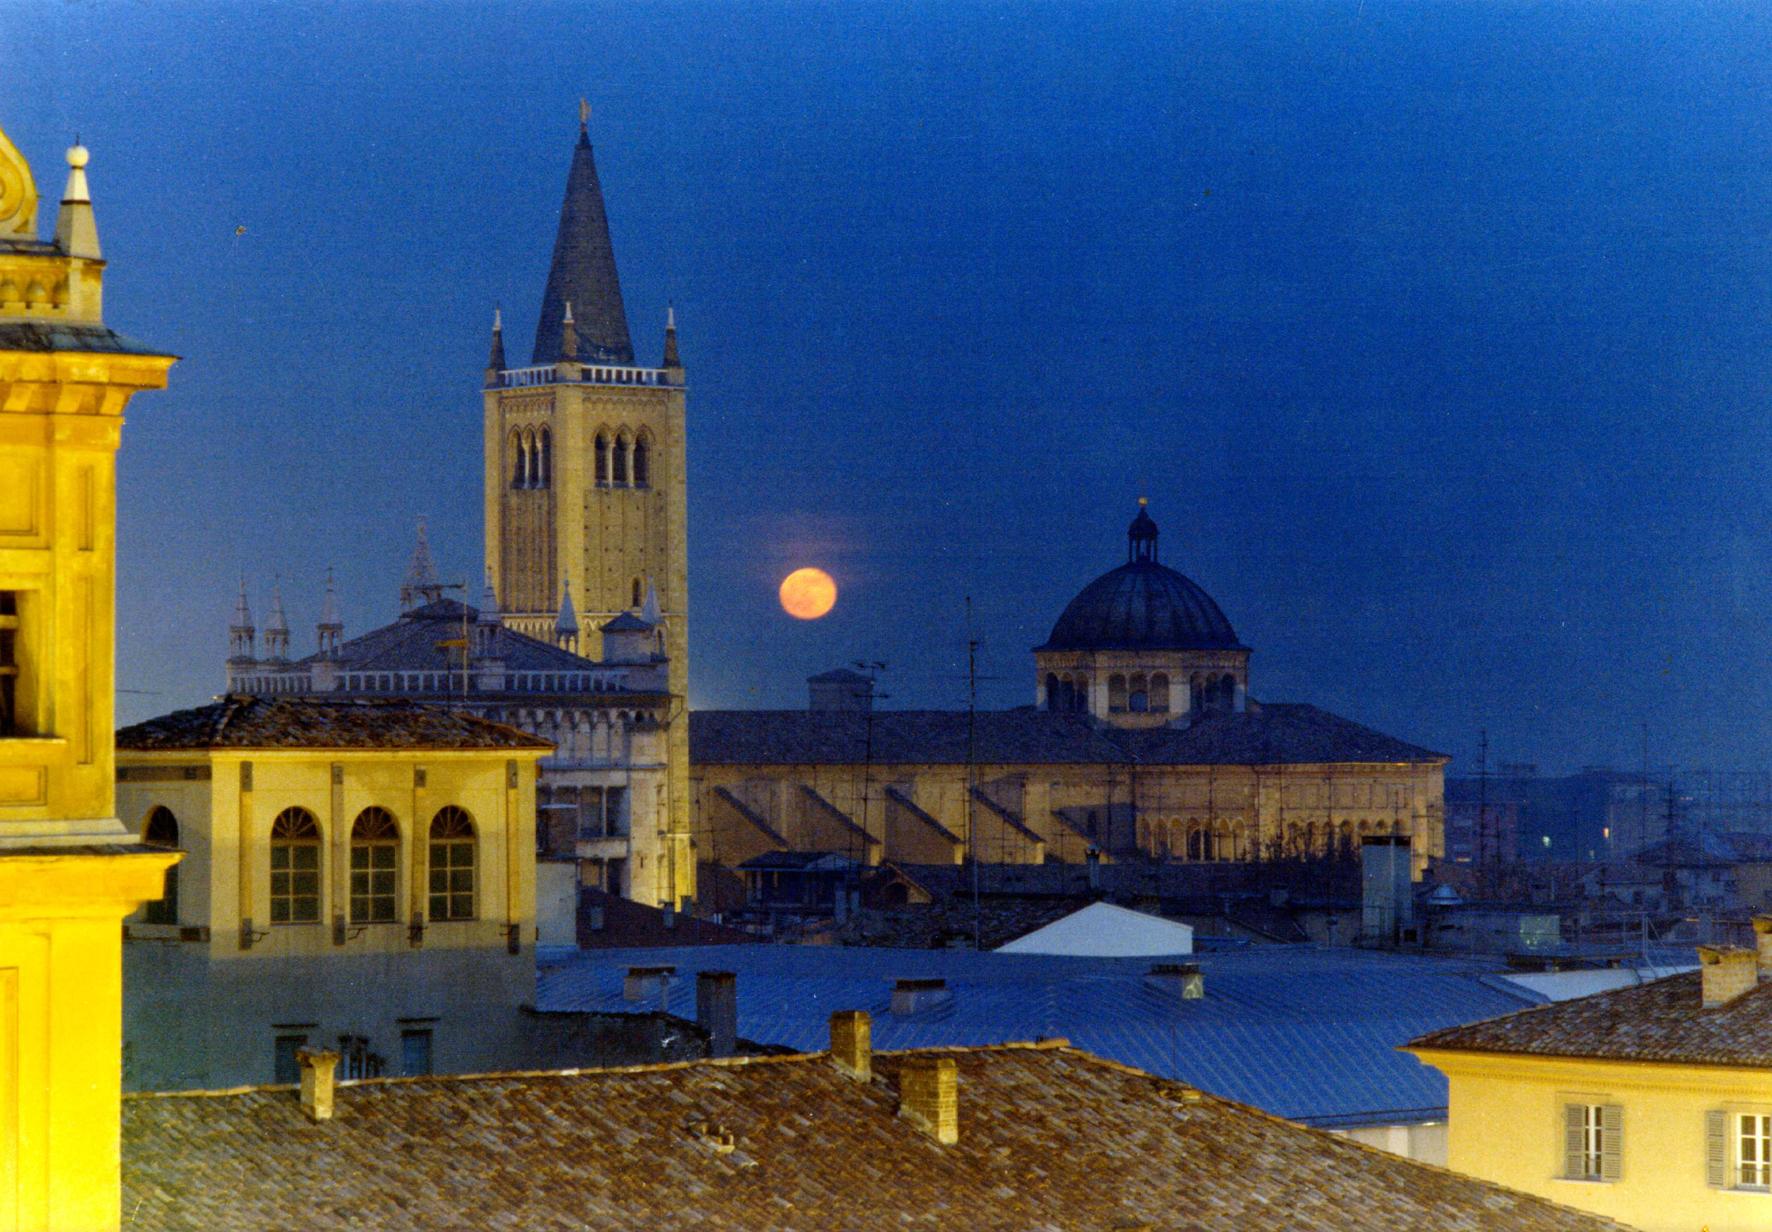 Comune Parma Piazza duomo di notte foto Carra